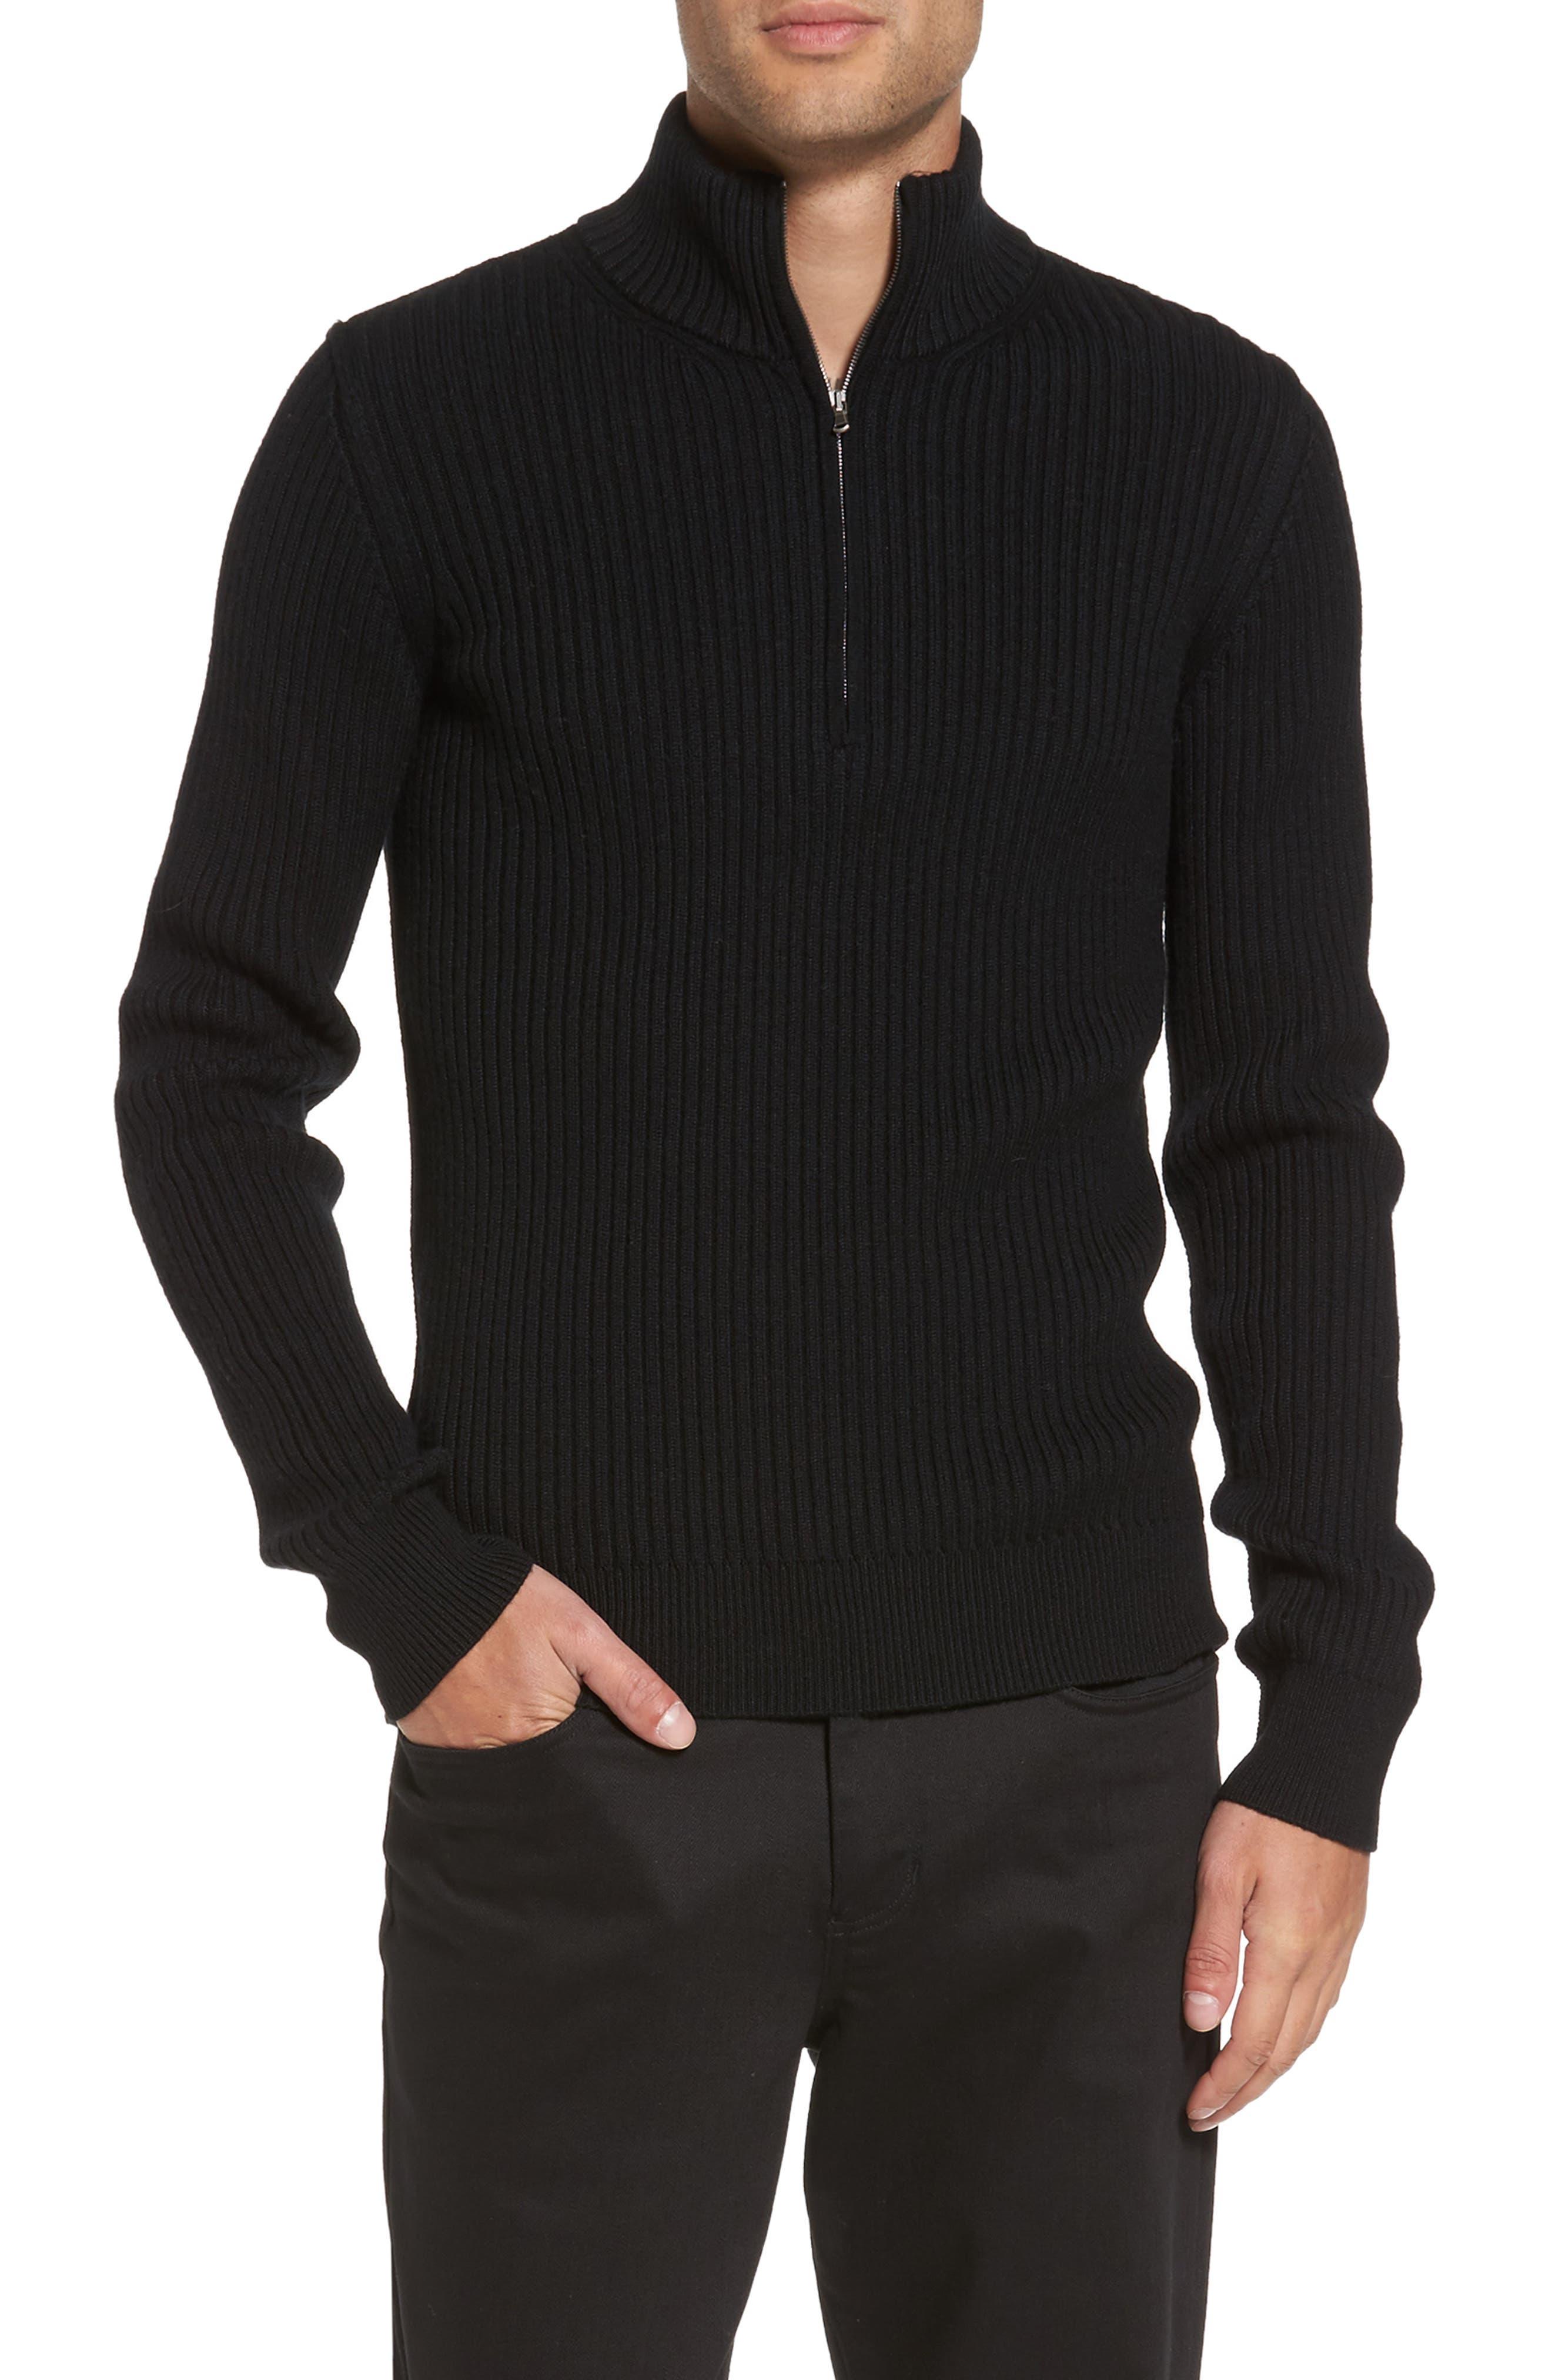 Alternate Image 1 Selected - Vince Ribbed Quarter Zip Mock Neck Sweater